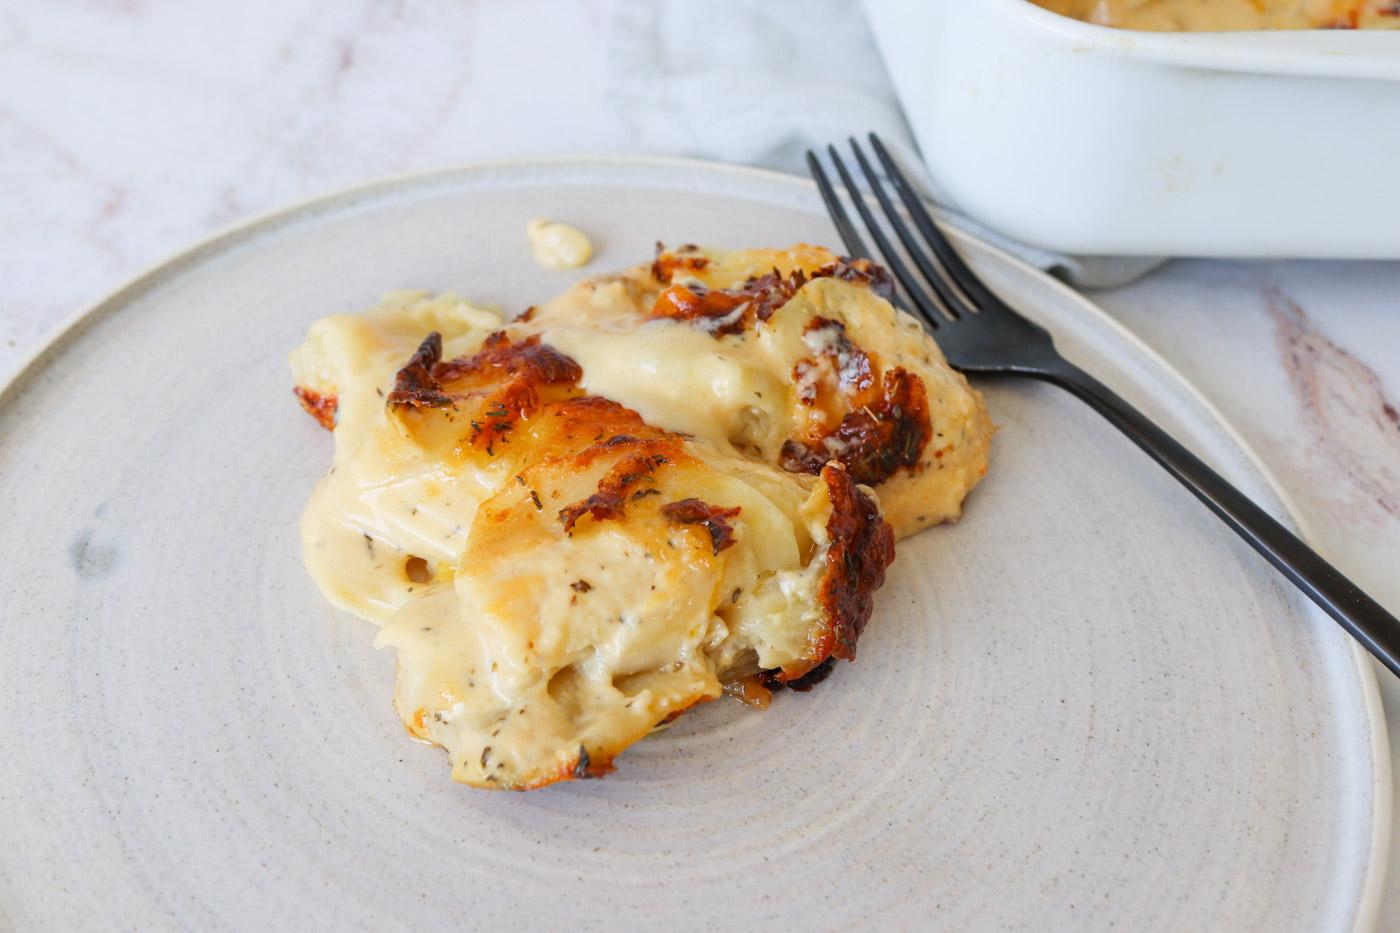 Flødekartofler Opskrift – Flødekartofler Med Ost – De Bedste Flødekartofler